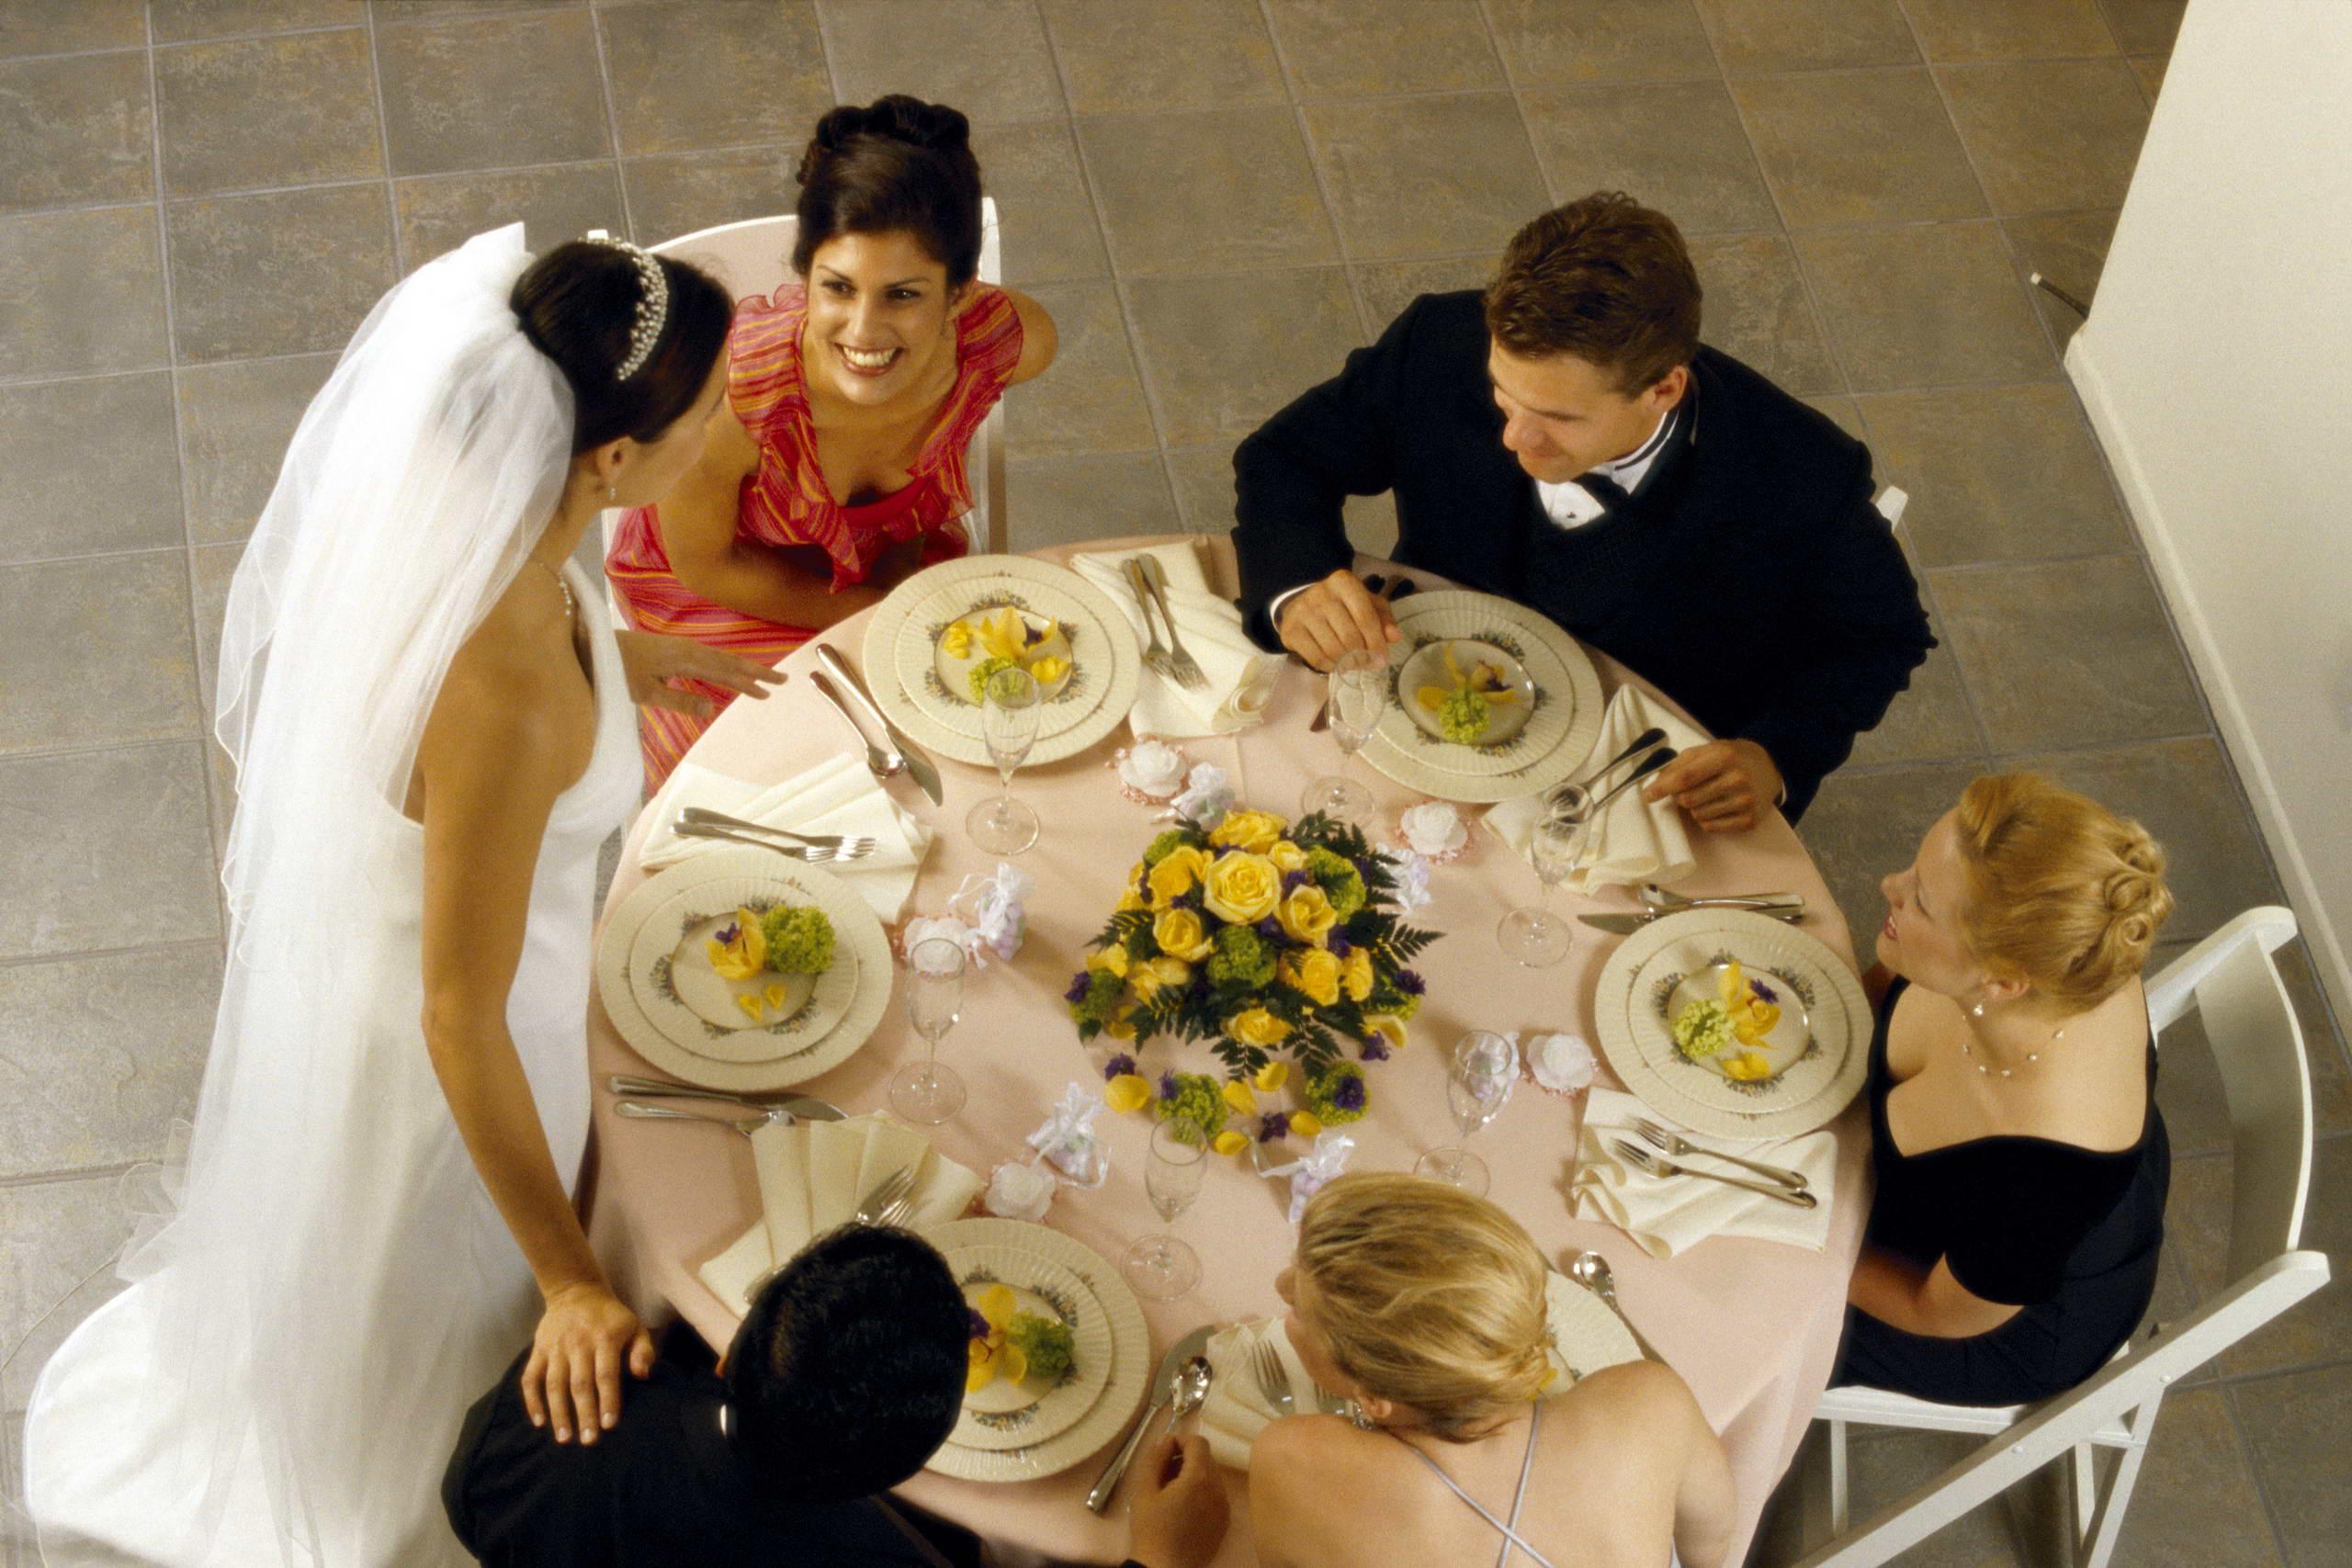 Поддержка родственников и близких самое главное в дальнейшей жизни молодой пары